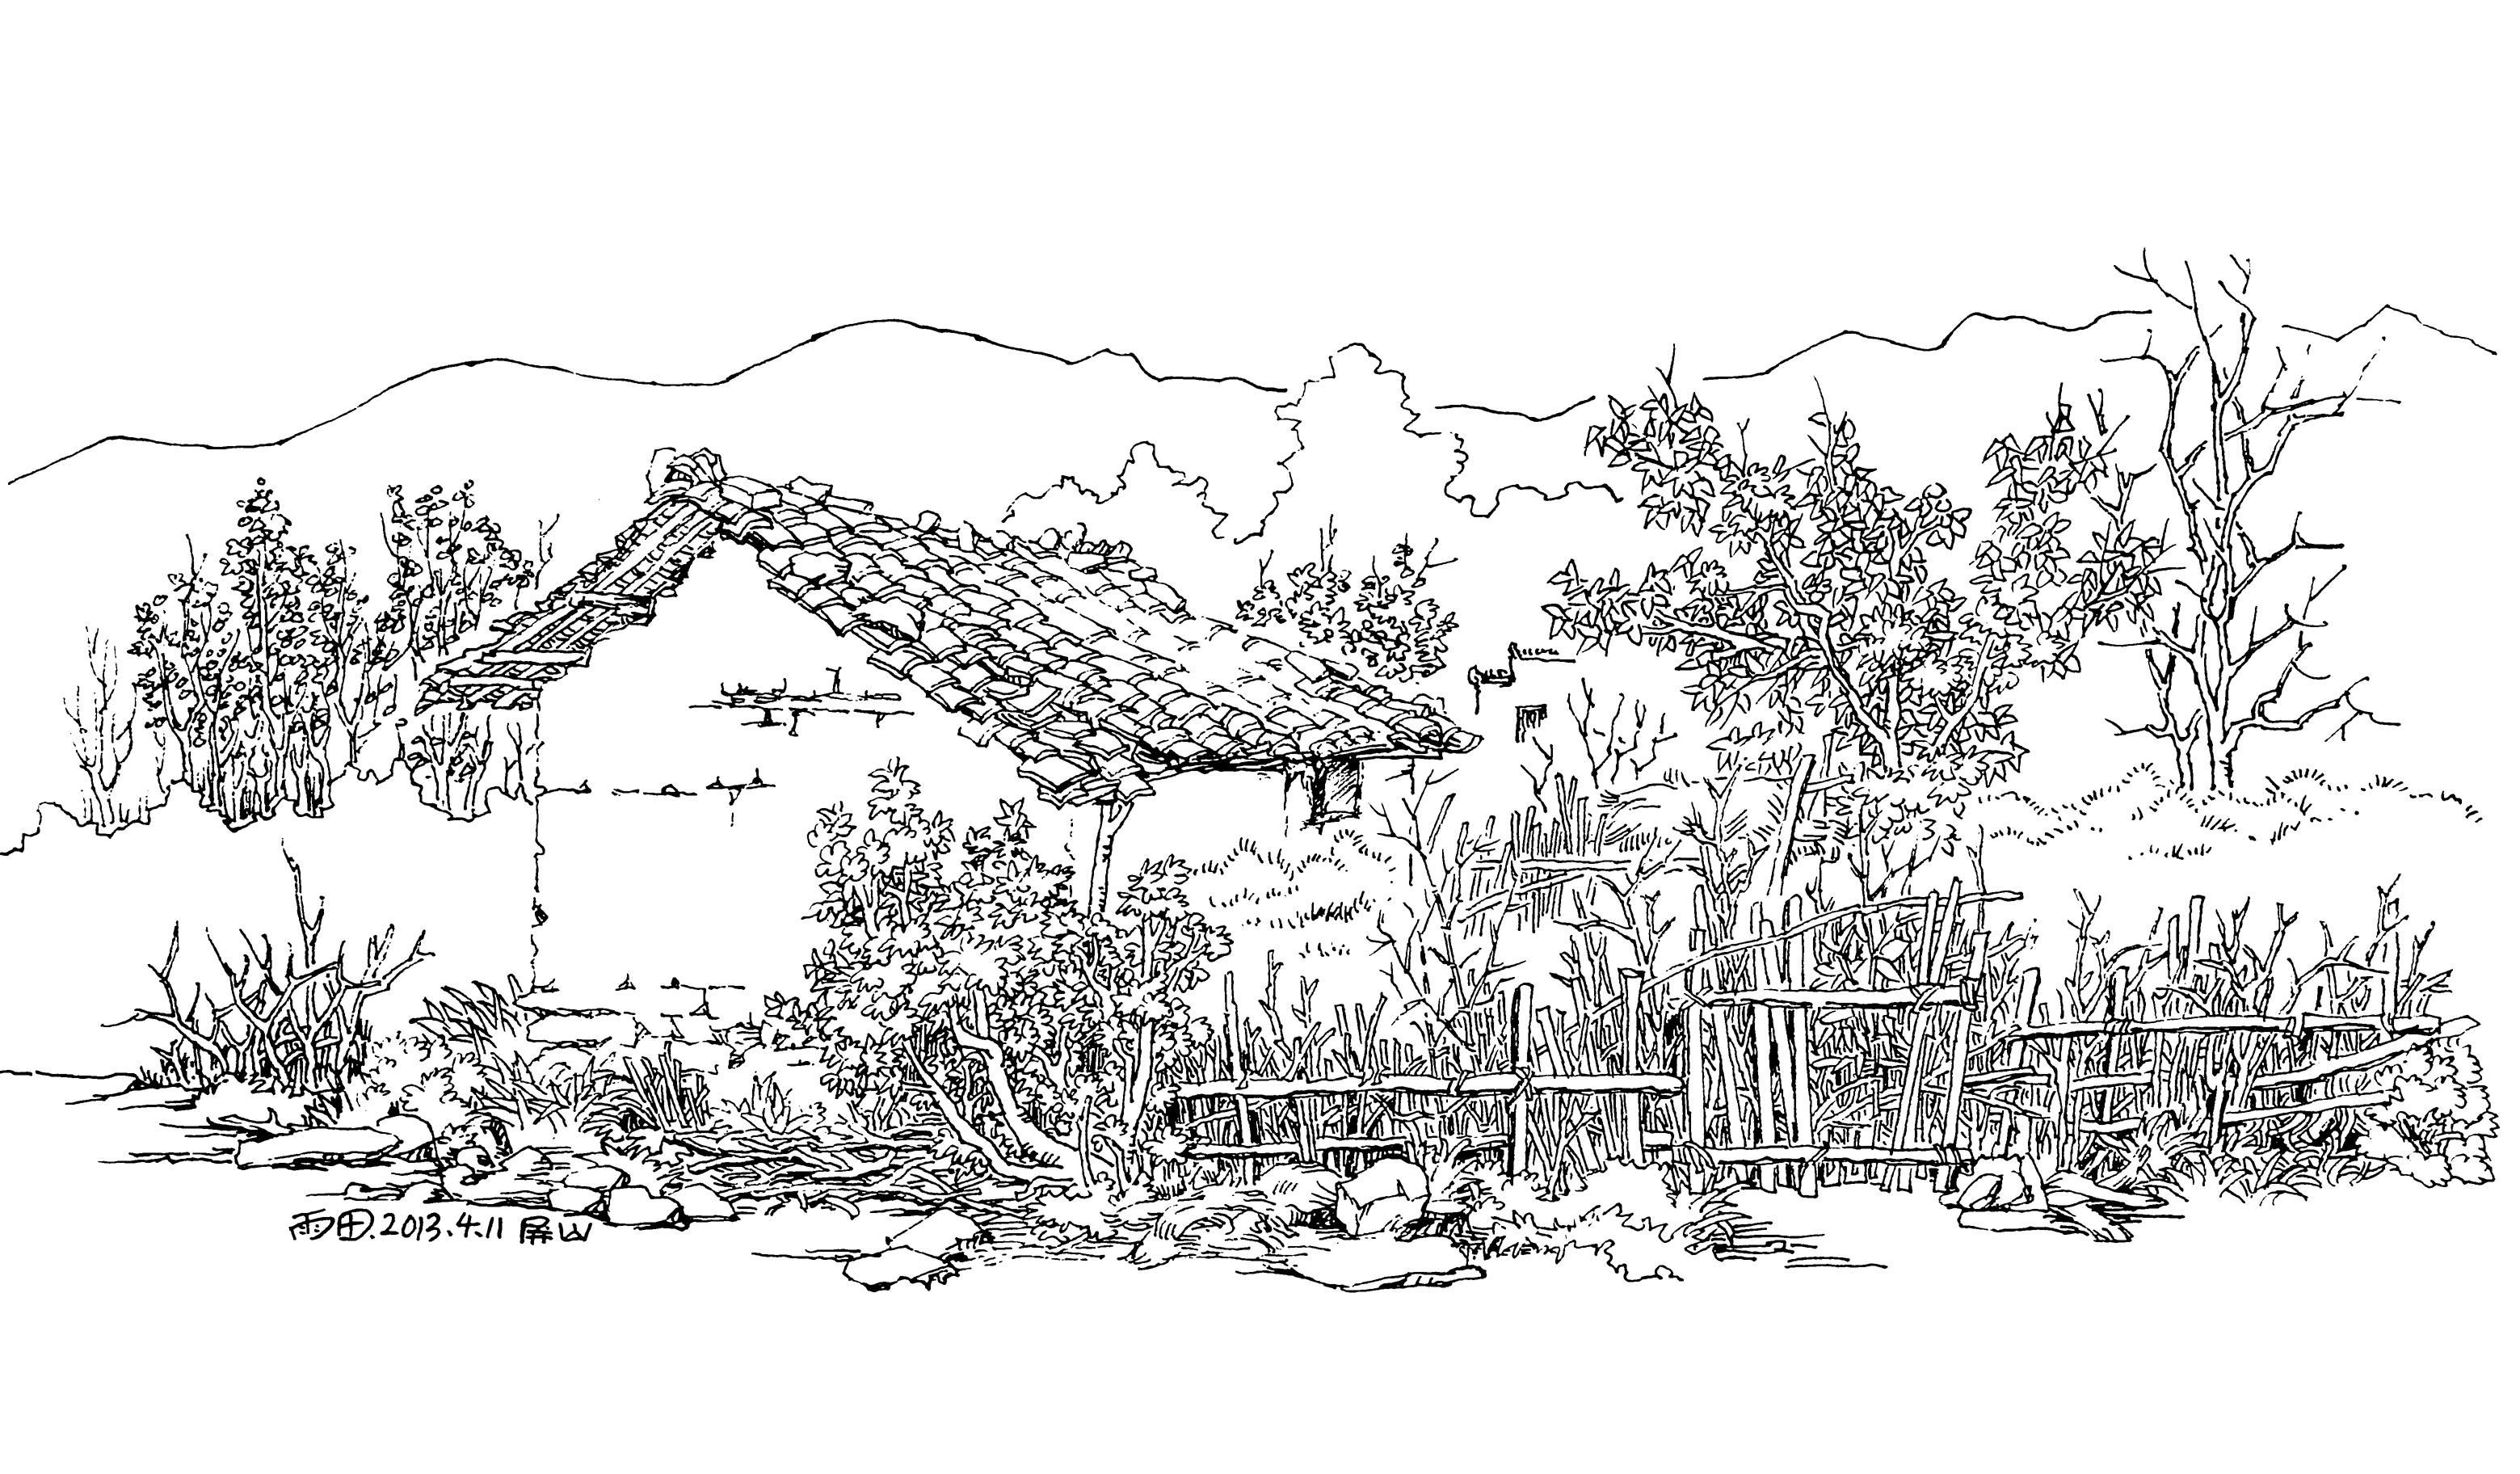 皖南印象 屏山写生作品集 这是我近几年在黟县屏山的钢笔速写写生作品